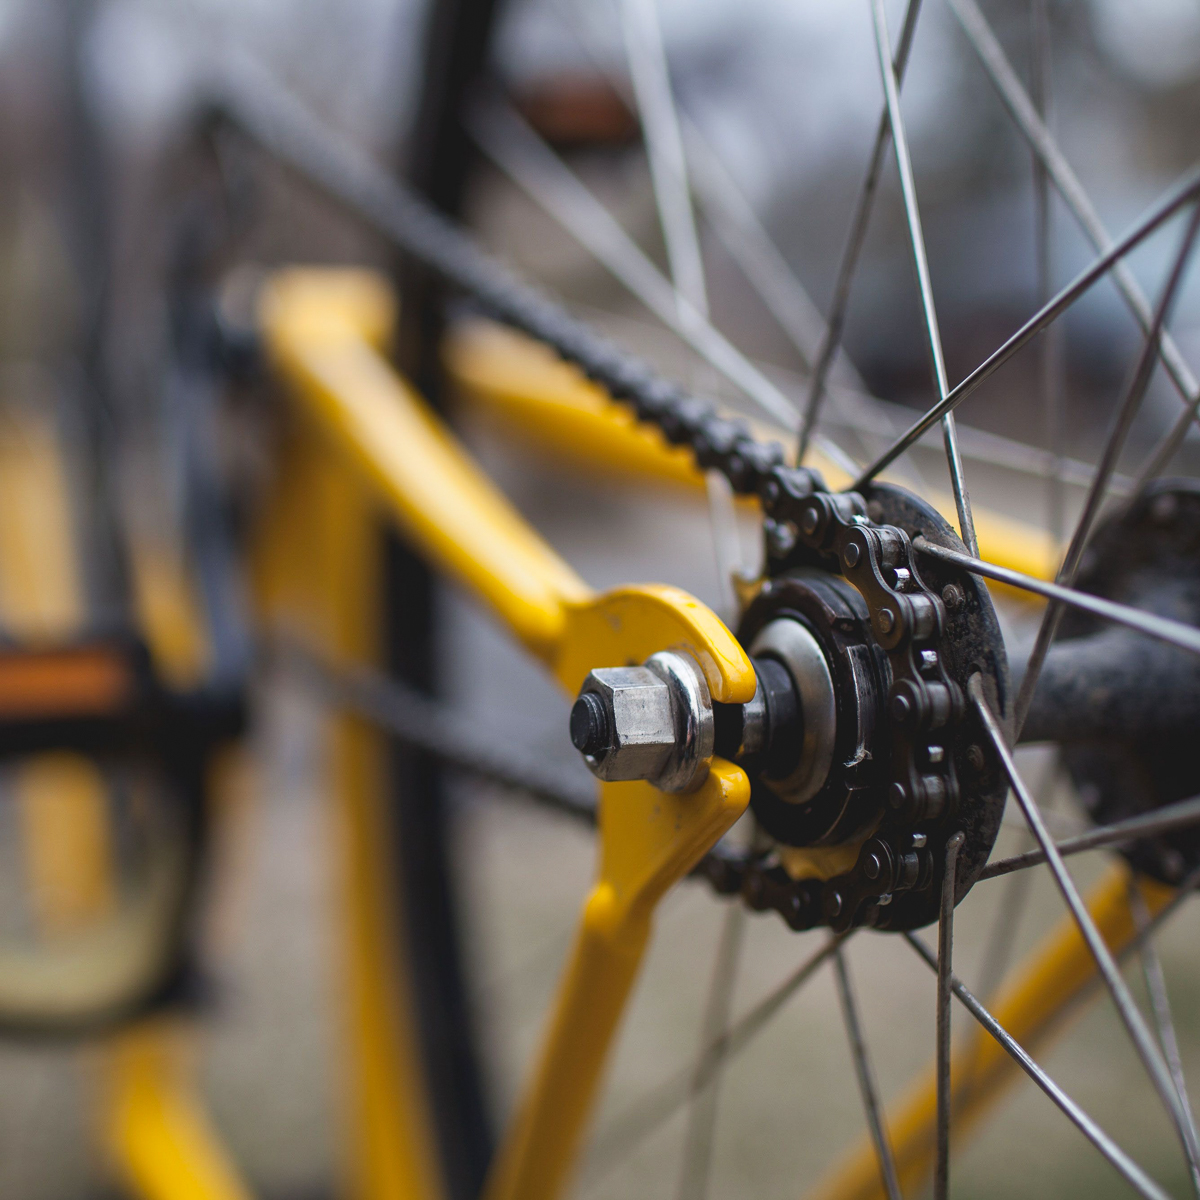 Fahrradladen Werkstatt Keirin Kreuzberg